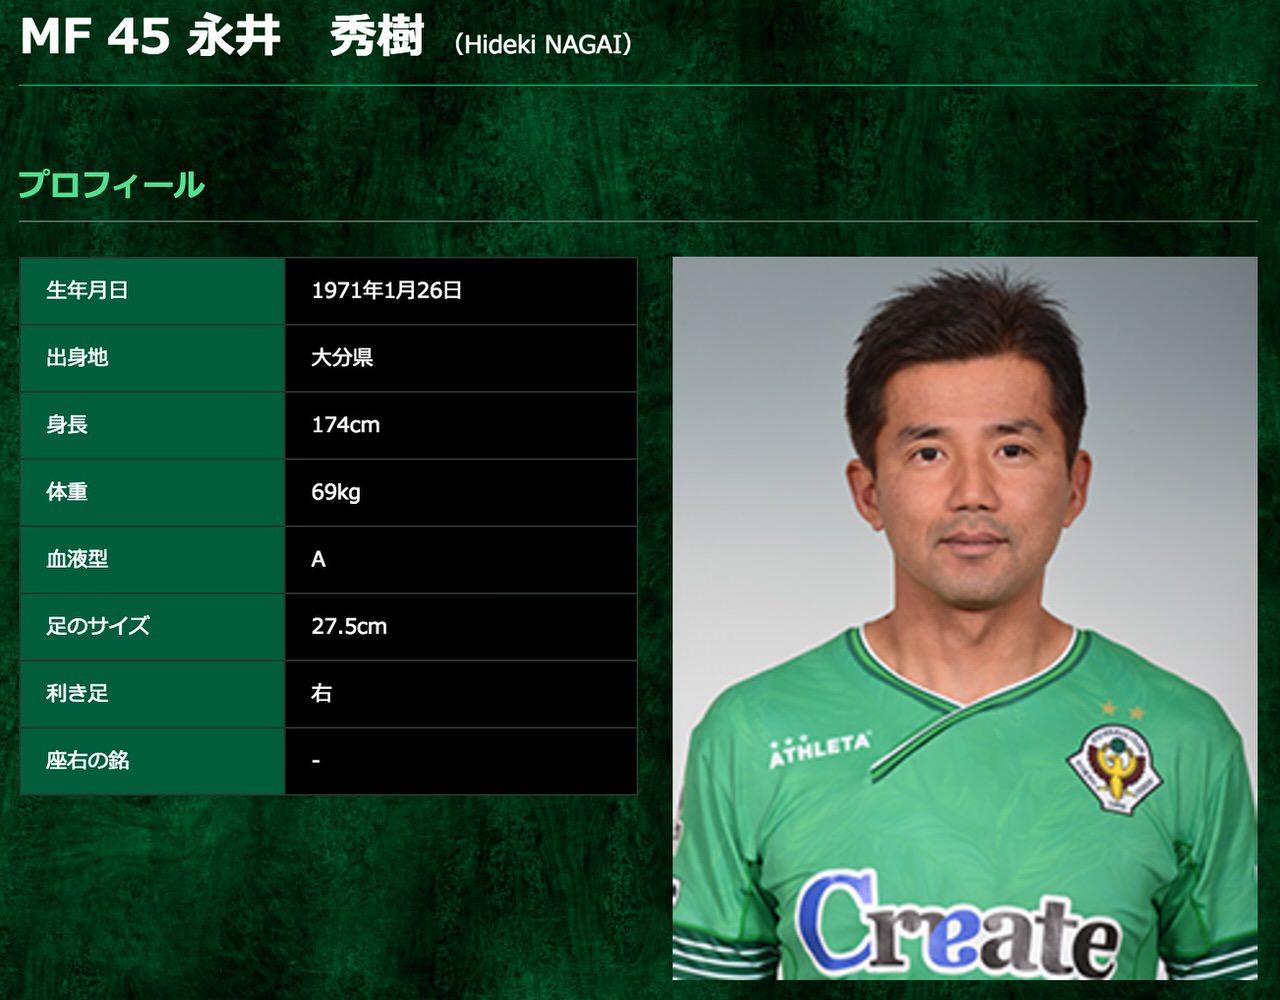 東京ヴェルディ・永井秀樹、45歳で現役引退へ